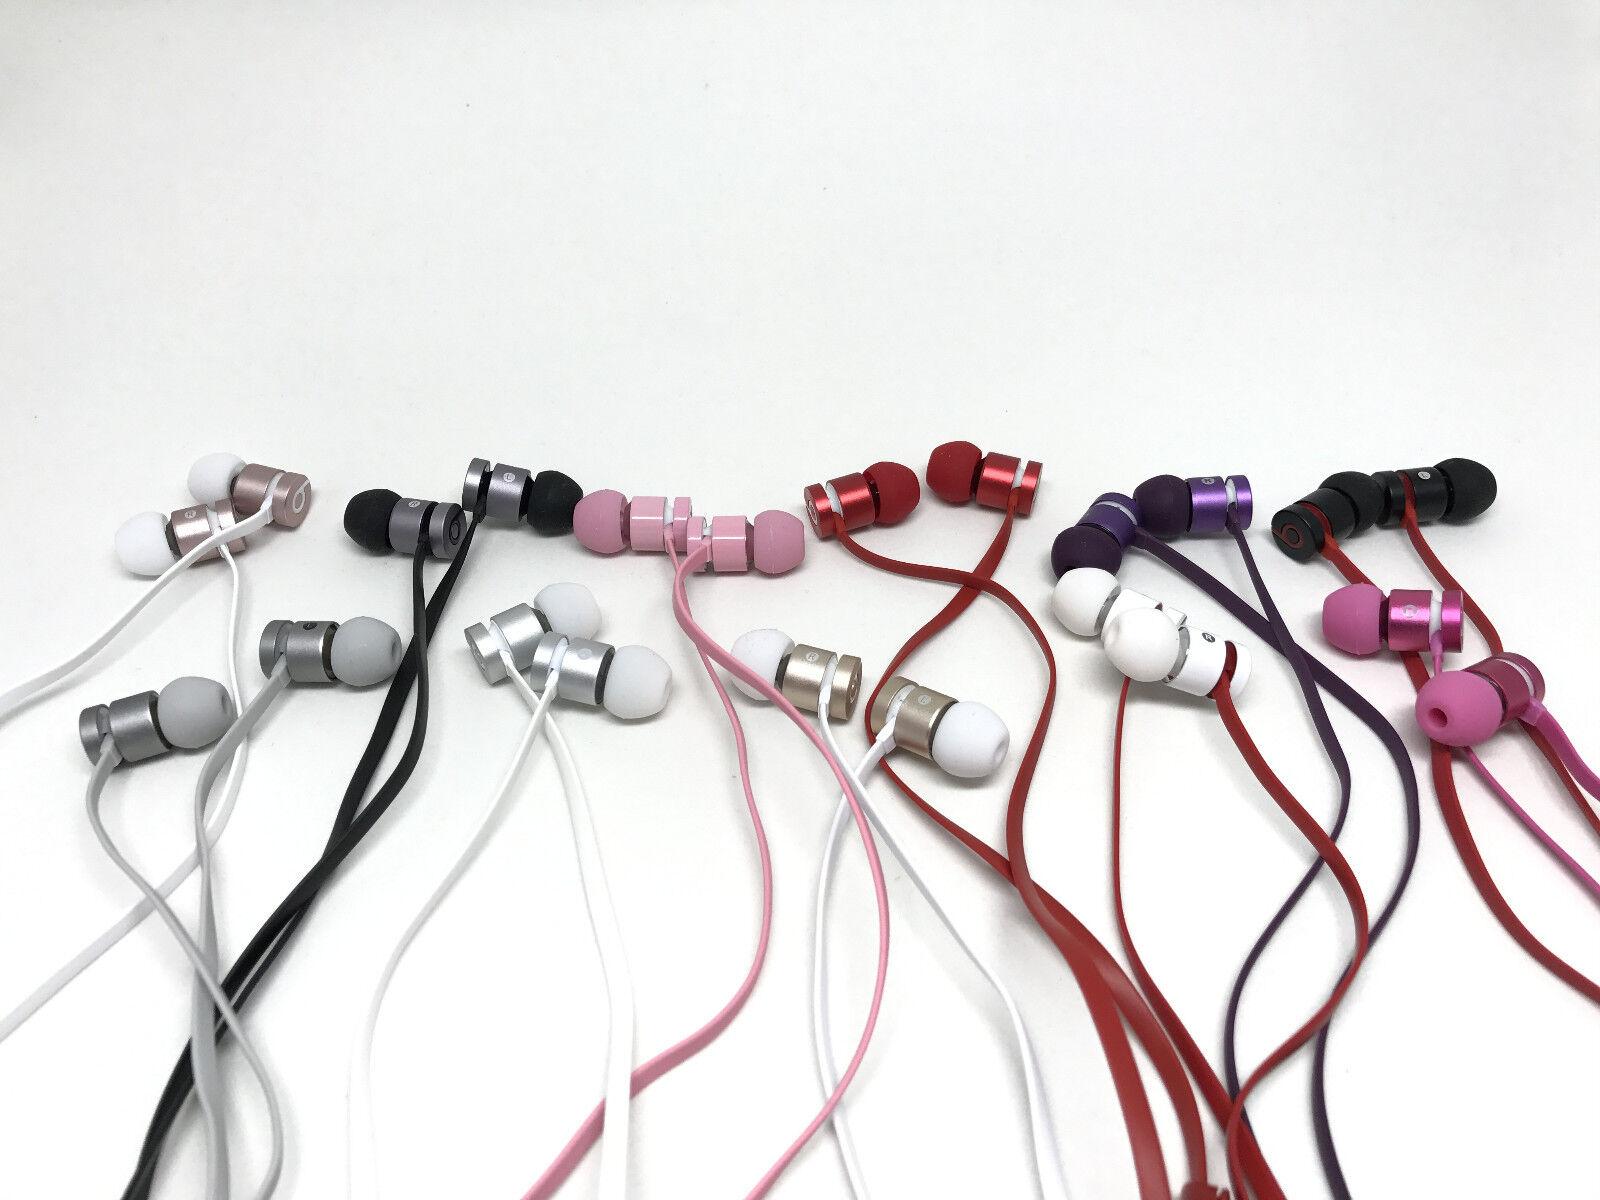 Beats By Dre - Beats By Dr. Dre urBeats 2.0 Earphones Headphones In-Ear ur Beats Dr